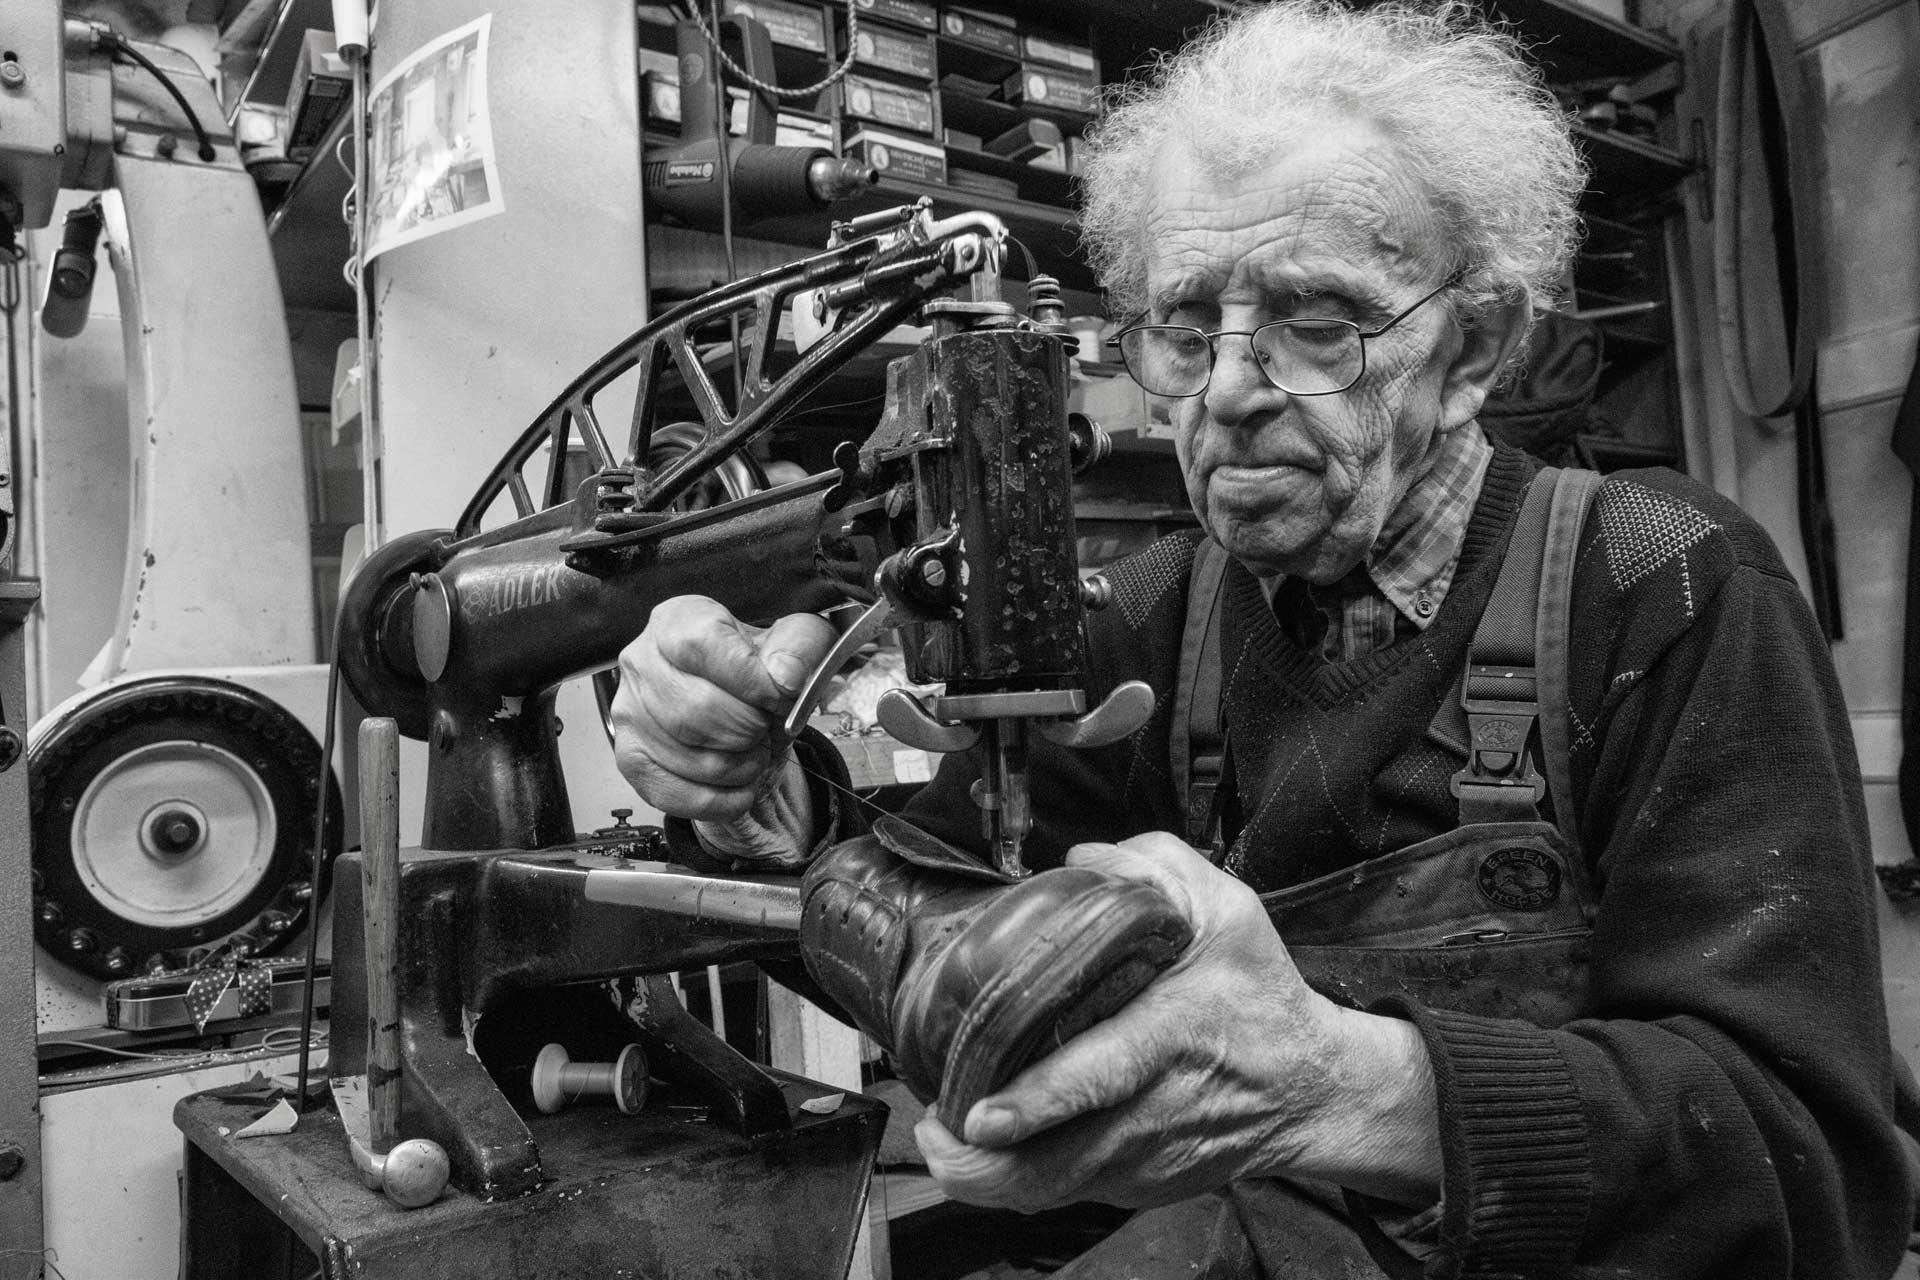 """Günter Dittes ist Schuhmacher im südbadischen Weil am Rhein. Sein Leben war Arbeit, nun wird er achtzig. An Silvester war sein letzter Arbeitstag. Die alte Nähmaschine nimmt er mit in seine Wohnung -  """"Ein Schuster, der bei den Leisten blieb"""" taz. die tageszeitung 16.09.2016"""